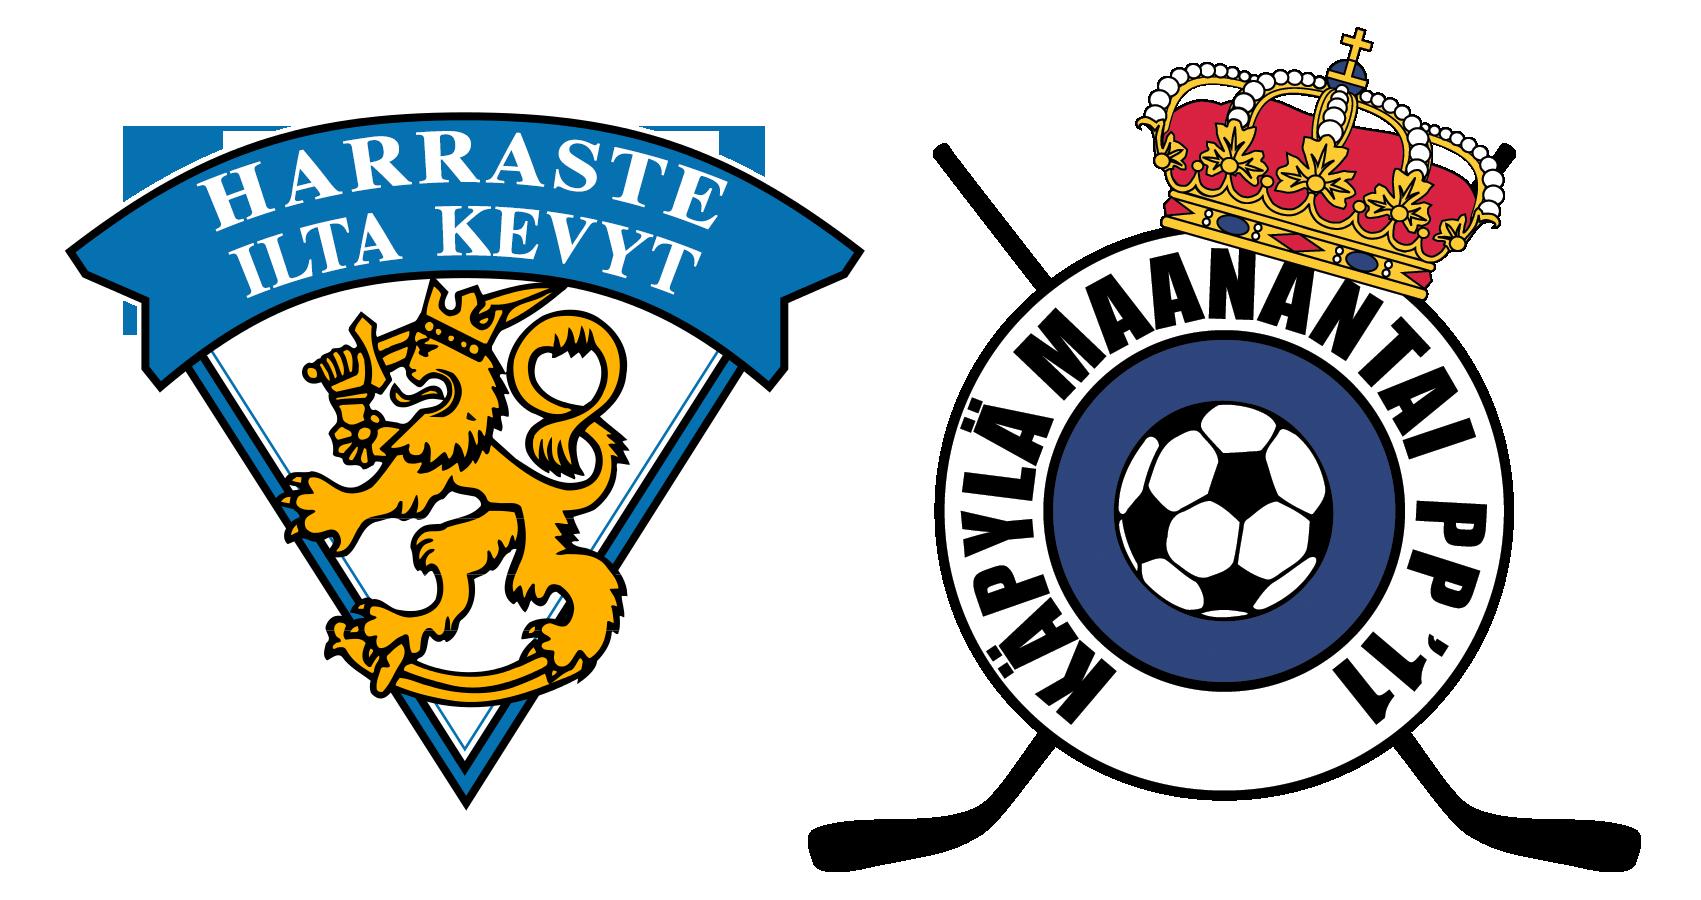 Käpylä Maanantai PHC pelaa kaudella 2015–16 Harraste Ilta Kevyt -sarjan voitosta